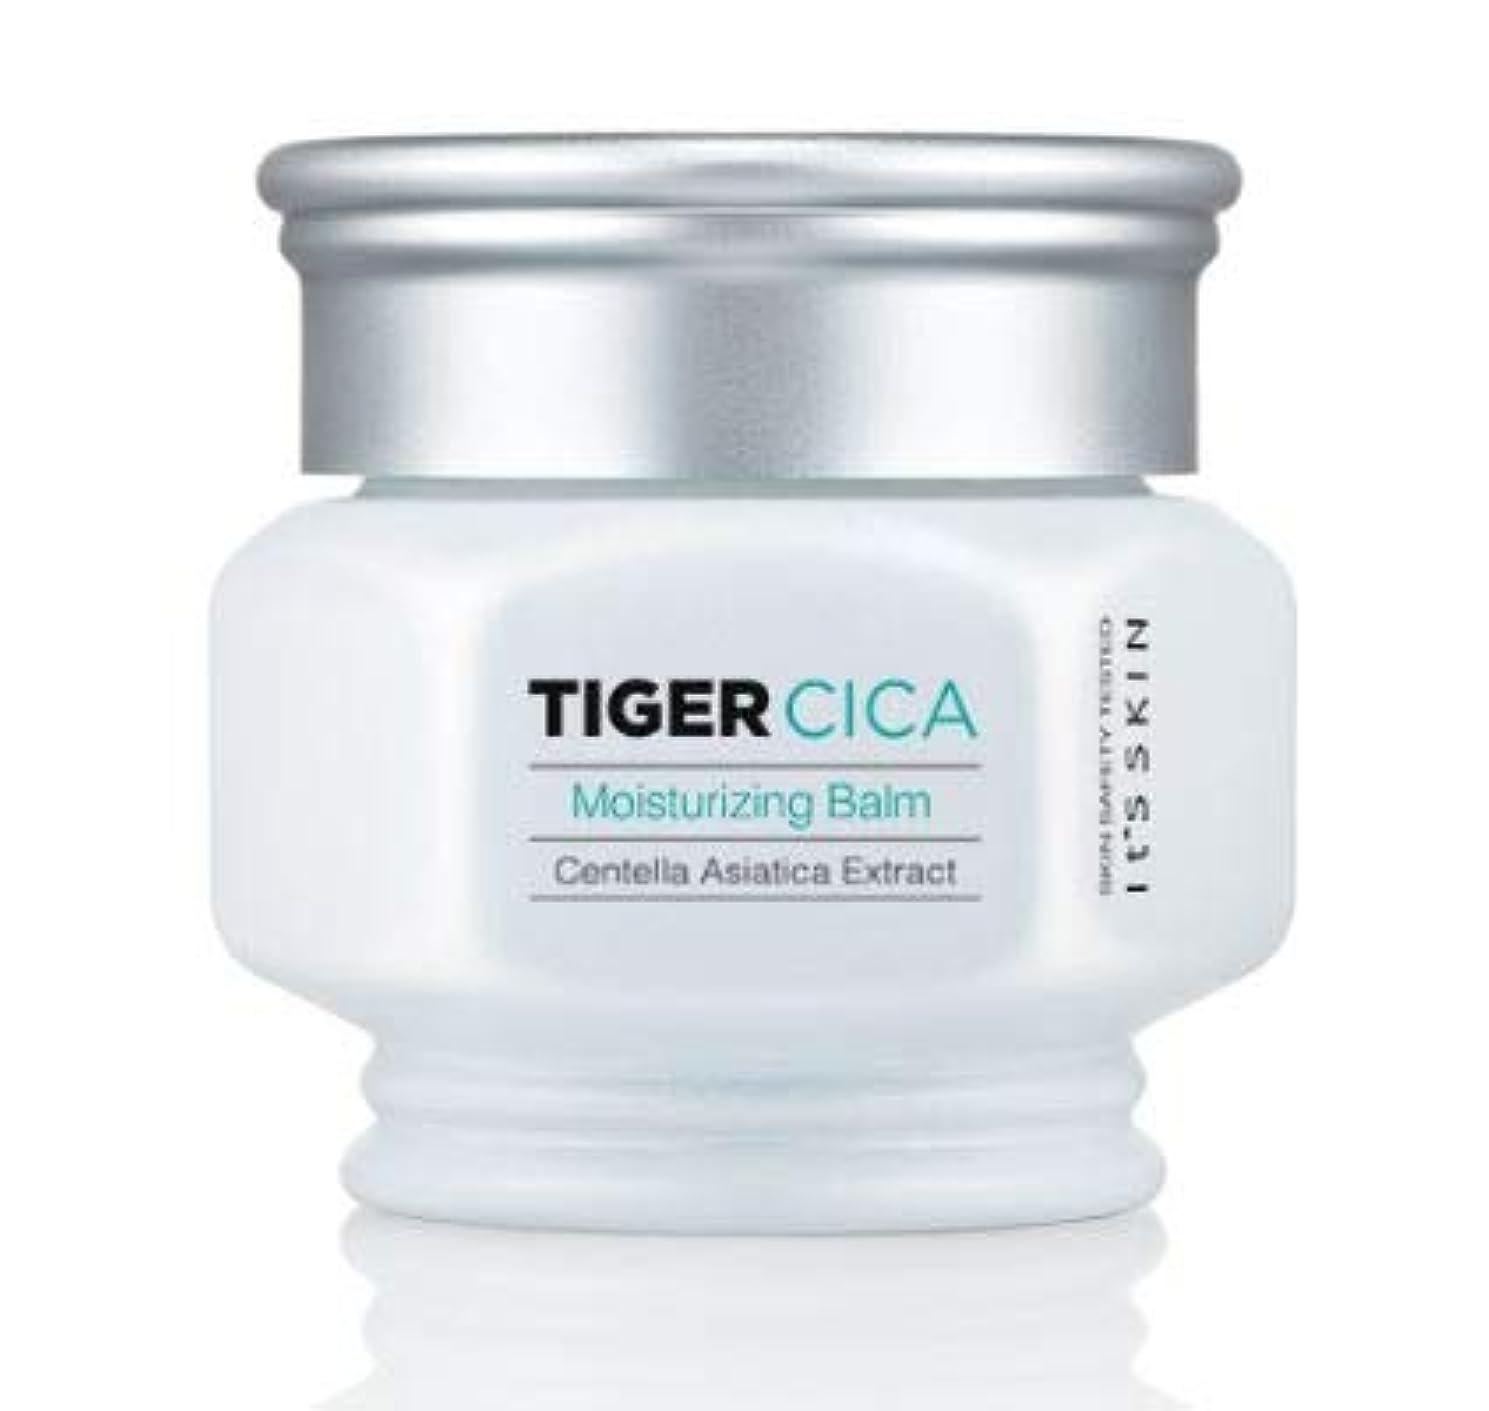 敏感な調和計器[It's Skin] Tiger Cica Moisturizing Balm 50ml /[イッツスキン] タイガーシカ モイスチャライジング バーム 50ml [並行輸入品]